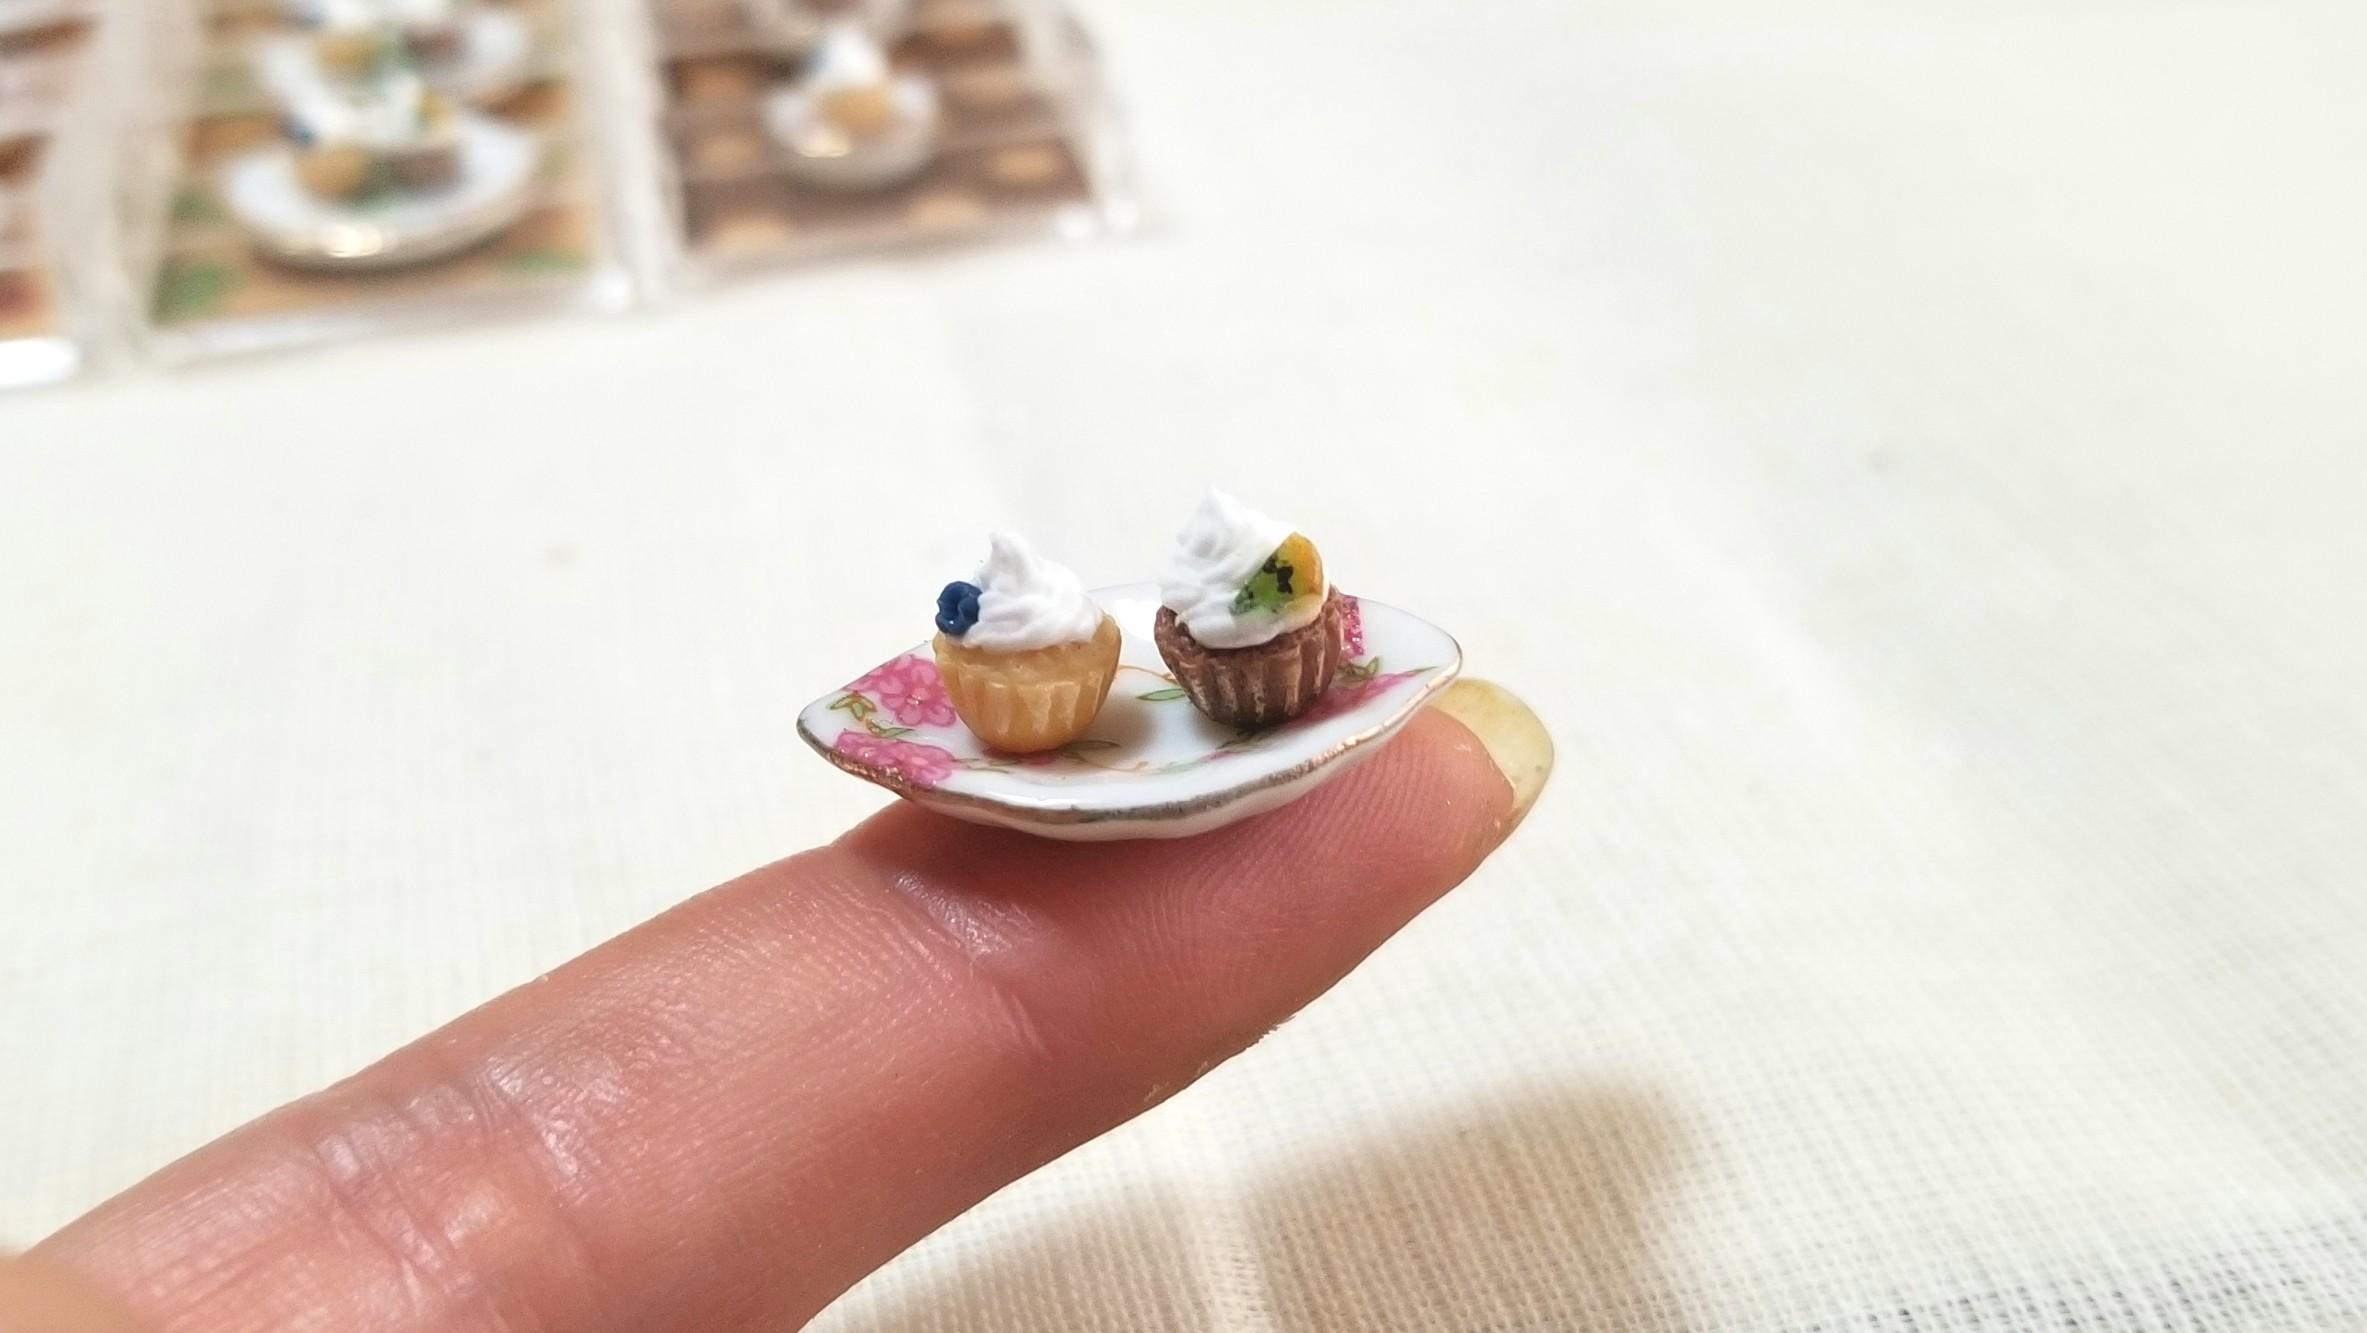 カップケーキ,ミニチュアフード,樹脂粘土,陶器のお皿,ドール,食玩